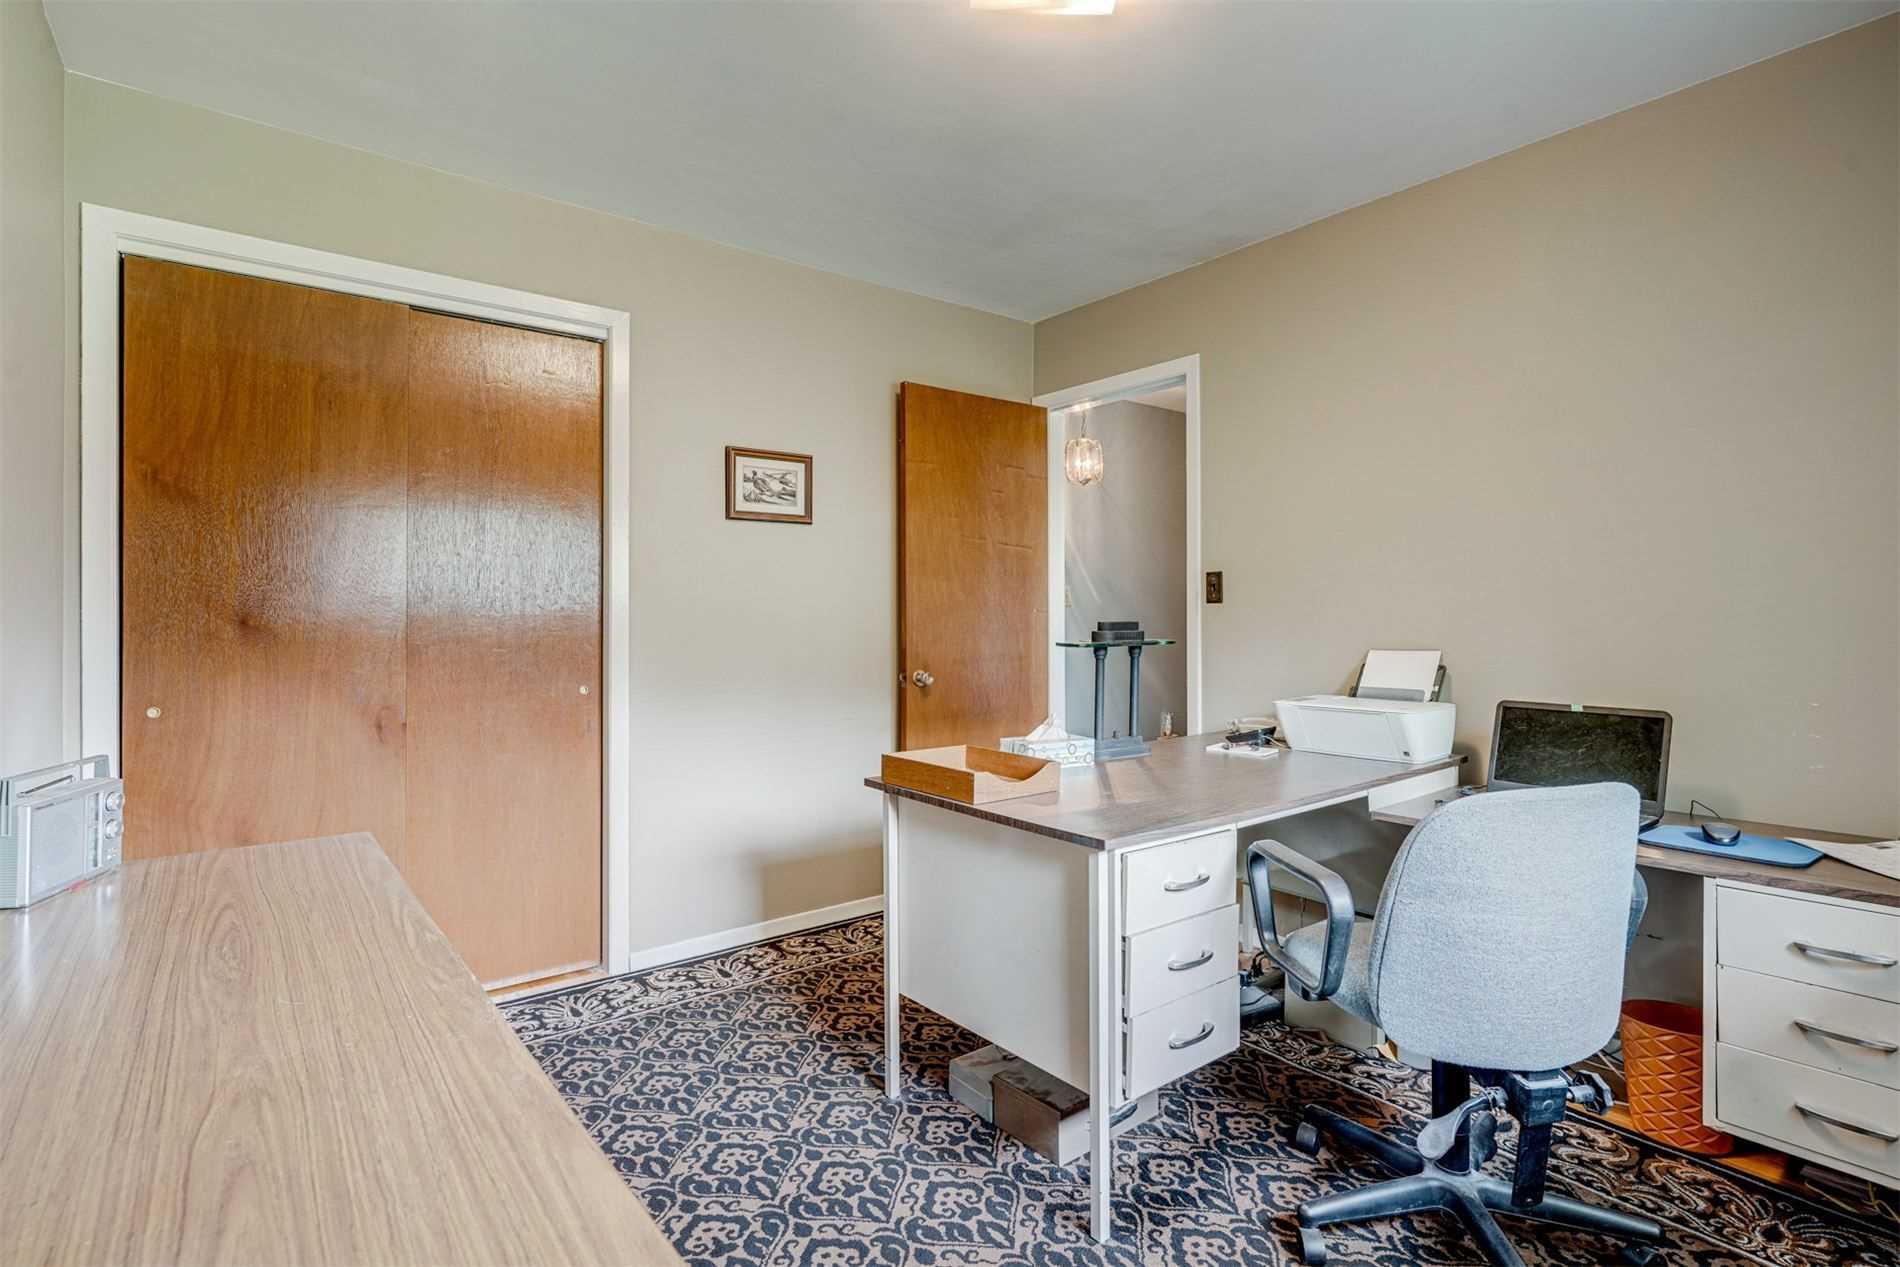 4189 Brock Rd - Uxbridge Detached for sale, 3 Bedrooms (N5311768) - #28